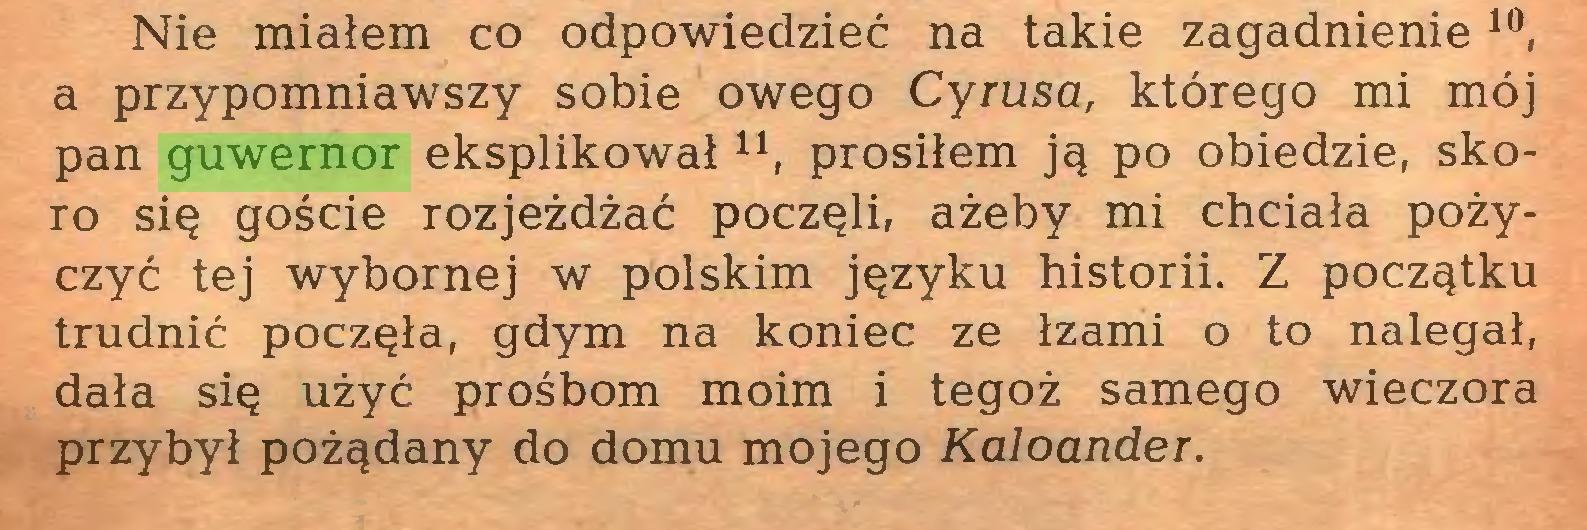 (...) Nie miałem co odpowiedzieć na takie zagadnienie10, a przypomniawszy sobie owego Cyrusa, którego mi mój pan guwernor eksplikował n, prosiłem ją po obiedzie, skoro się goście rozjeżdżać poczęli, ażeby mi chciała pożyczyć tej wybornej w polskim języku historii. Z początku trudnić poczęła, gdym na koniec ze łzami o to nalegał, dała się użyć prośbom moim i tegoż samego wieczora przybył pożądany do domu mojego Kaloander...